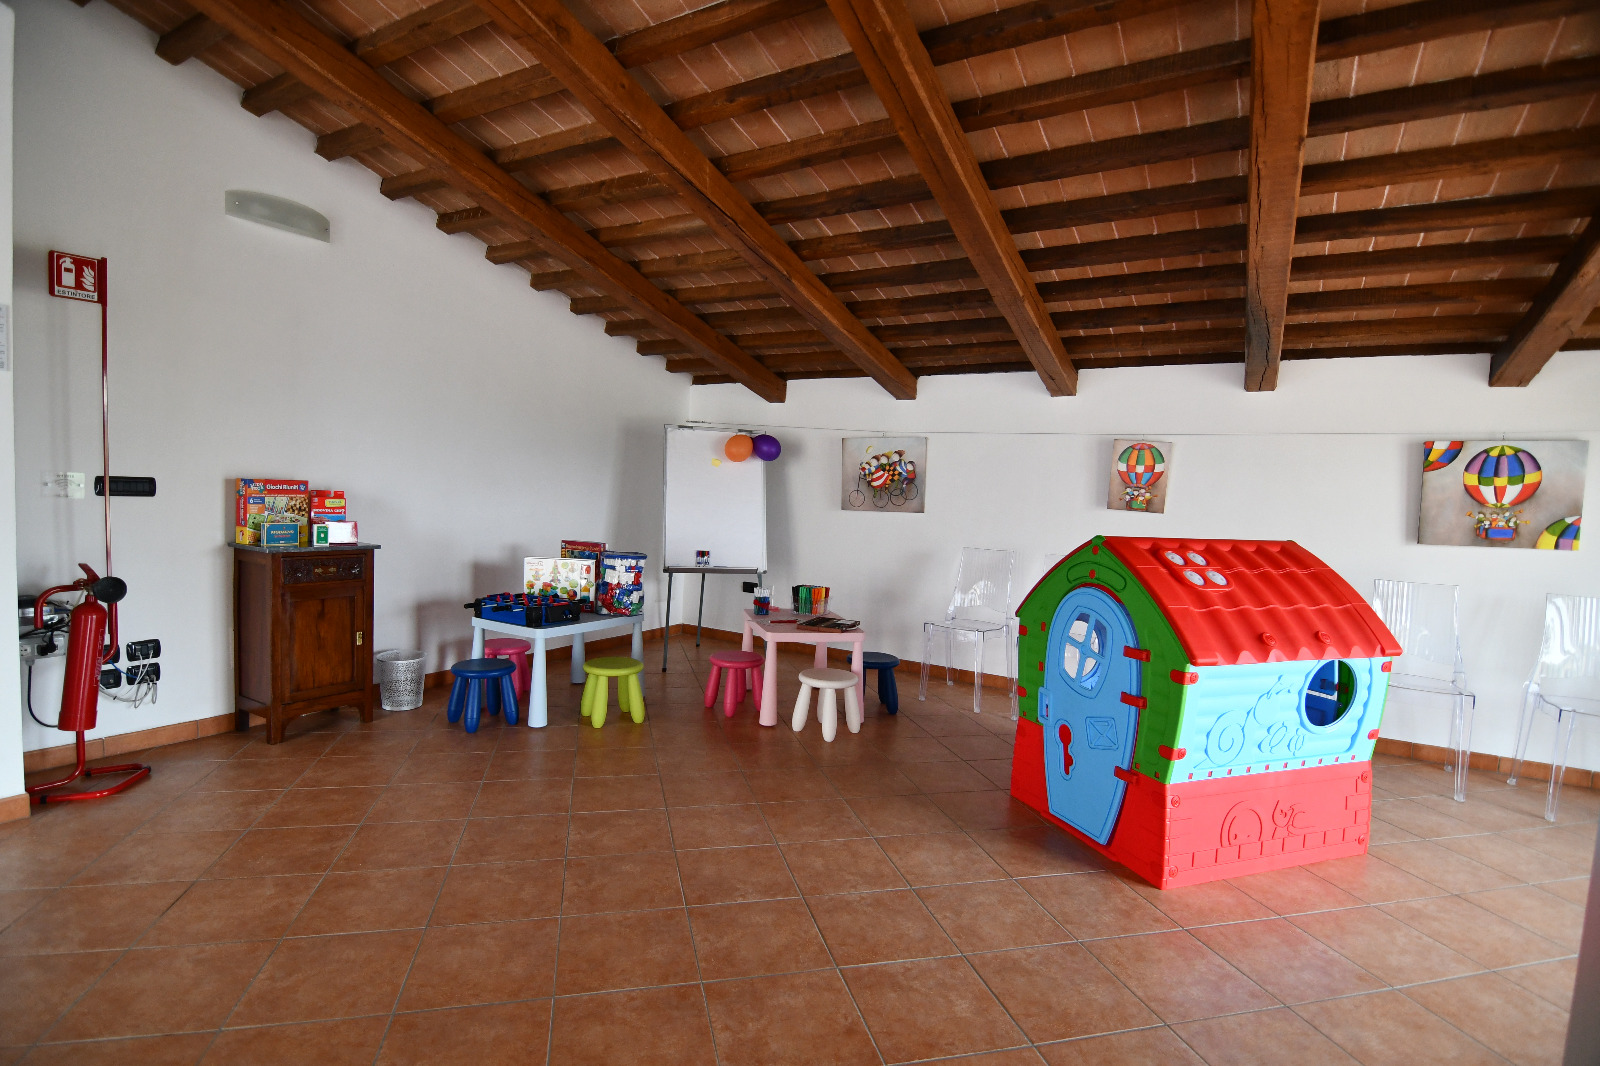 Sala per feste e compleanni in campagna presso l'Agriturismo Montefalco Charme